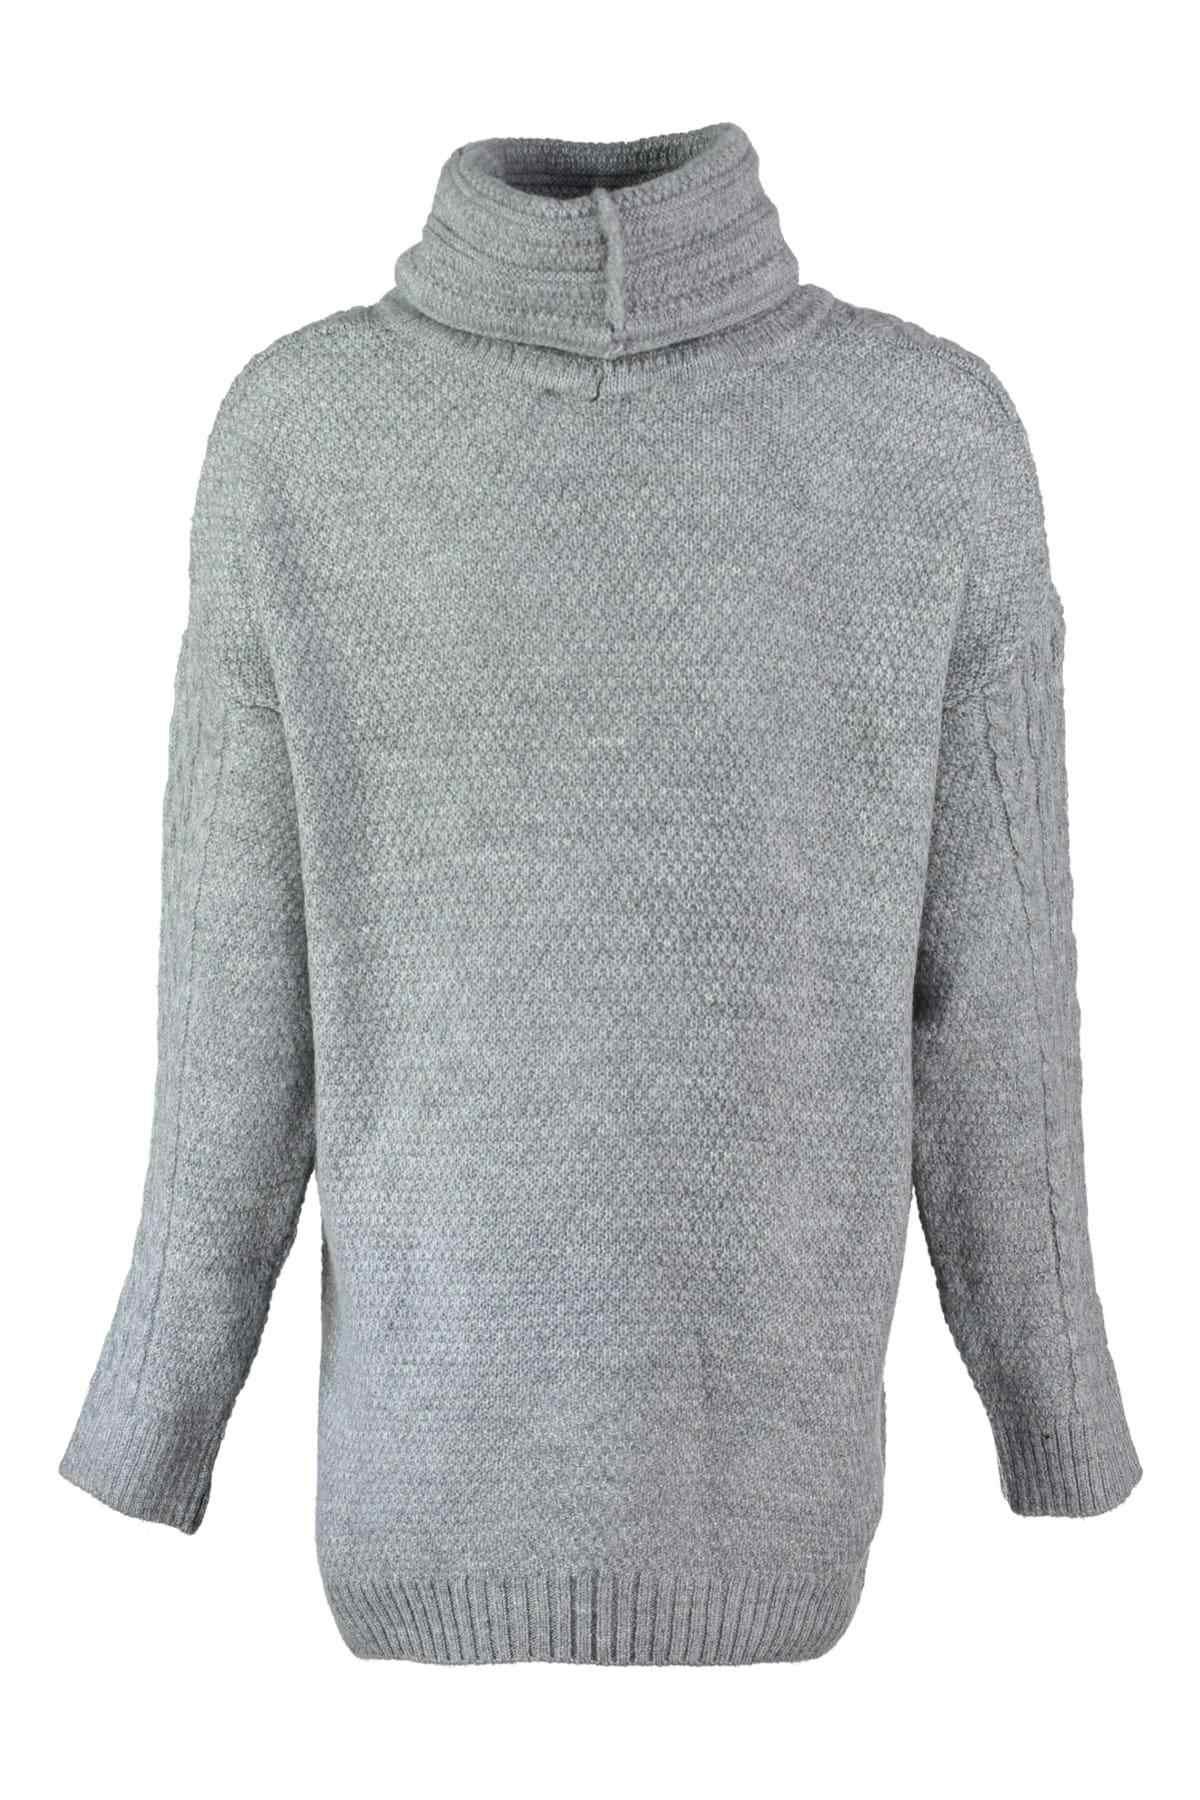 Trendyol WOMEN-Gray Neckline Lacing Detaylı Knitwear Sweater TWOAW20NV0016